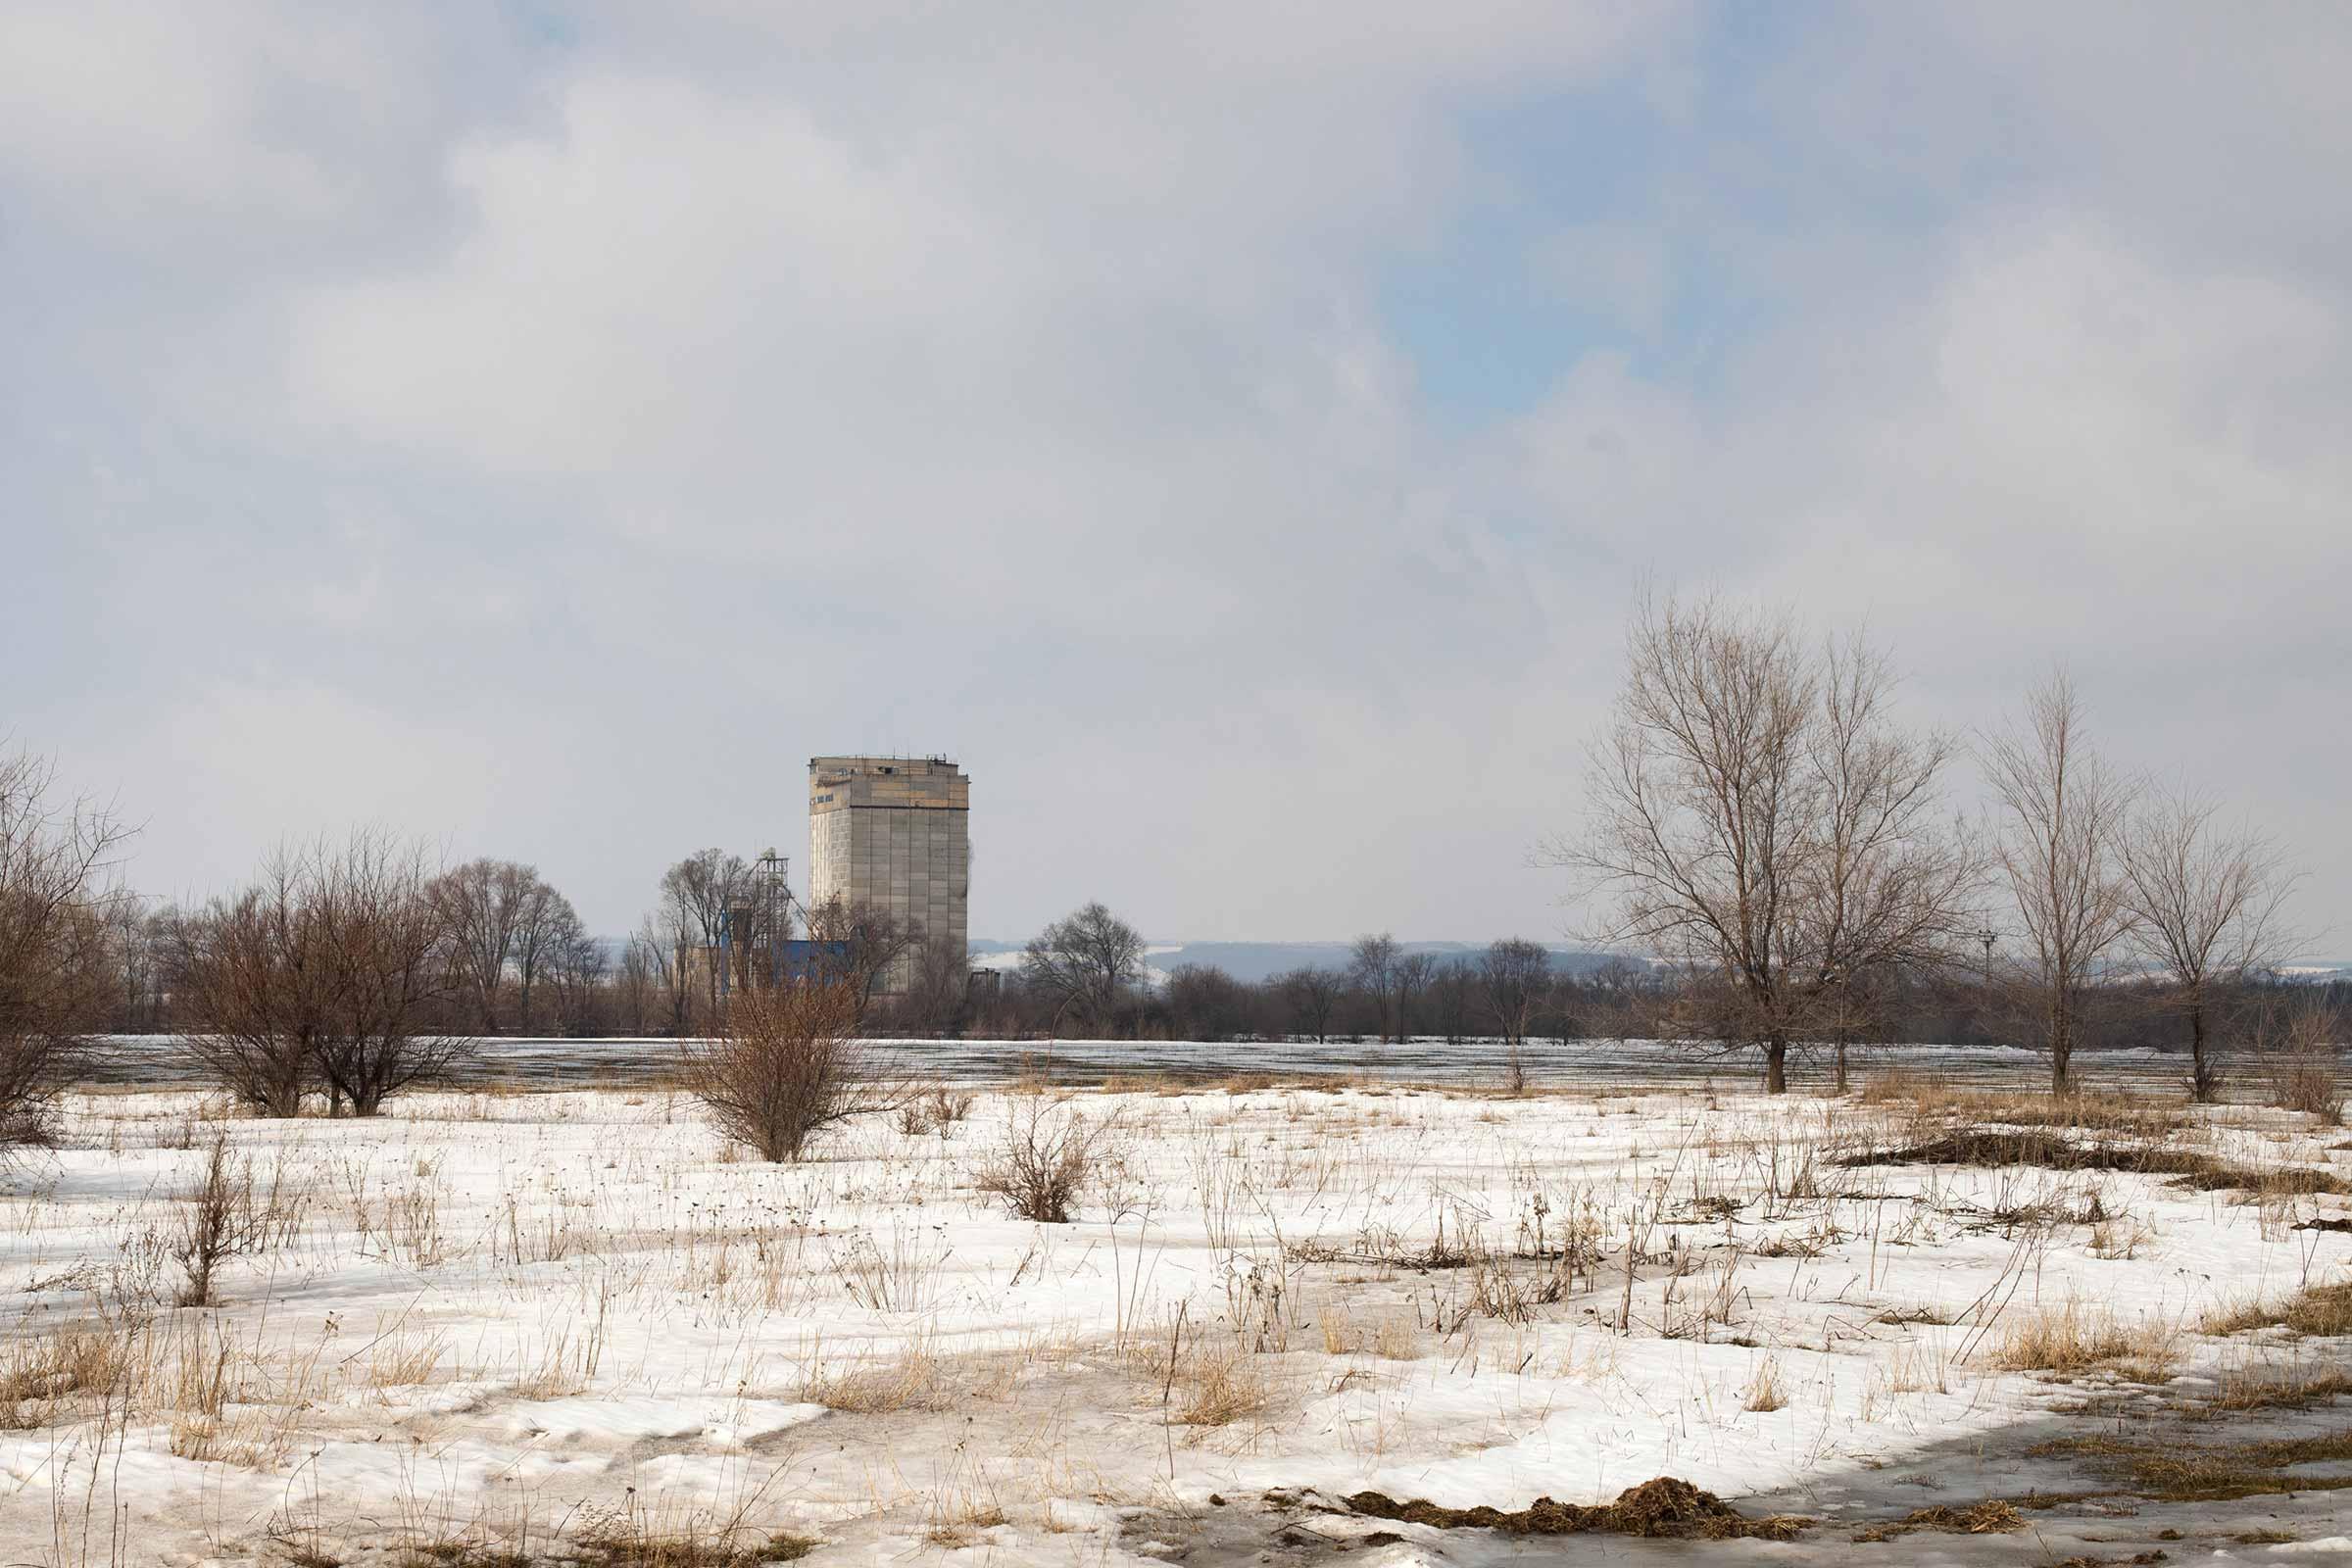 eksperymentalni sela 03 - <b>Соціальний експеримент над селянами.</b> Навіщо в СРСР із села хотіли зробити місто - Заборона